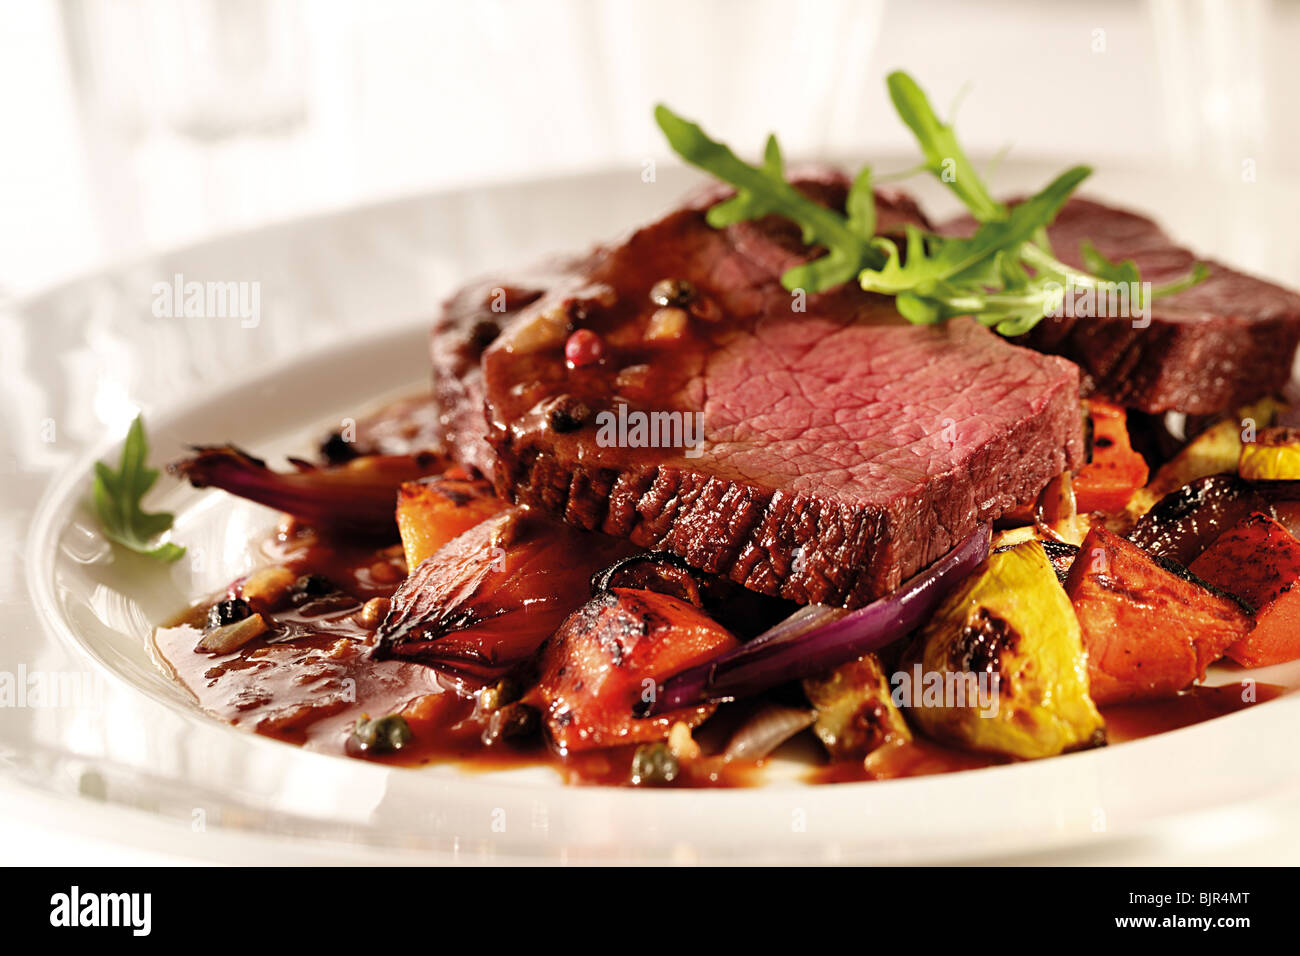 Steak und Wein Pfeffer Soße essen Fotos und Bilder Stockbild